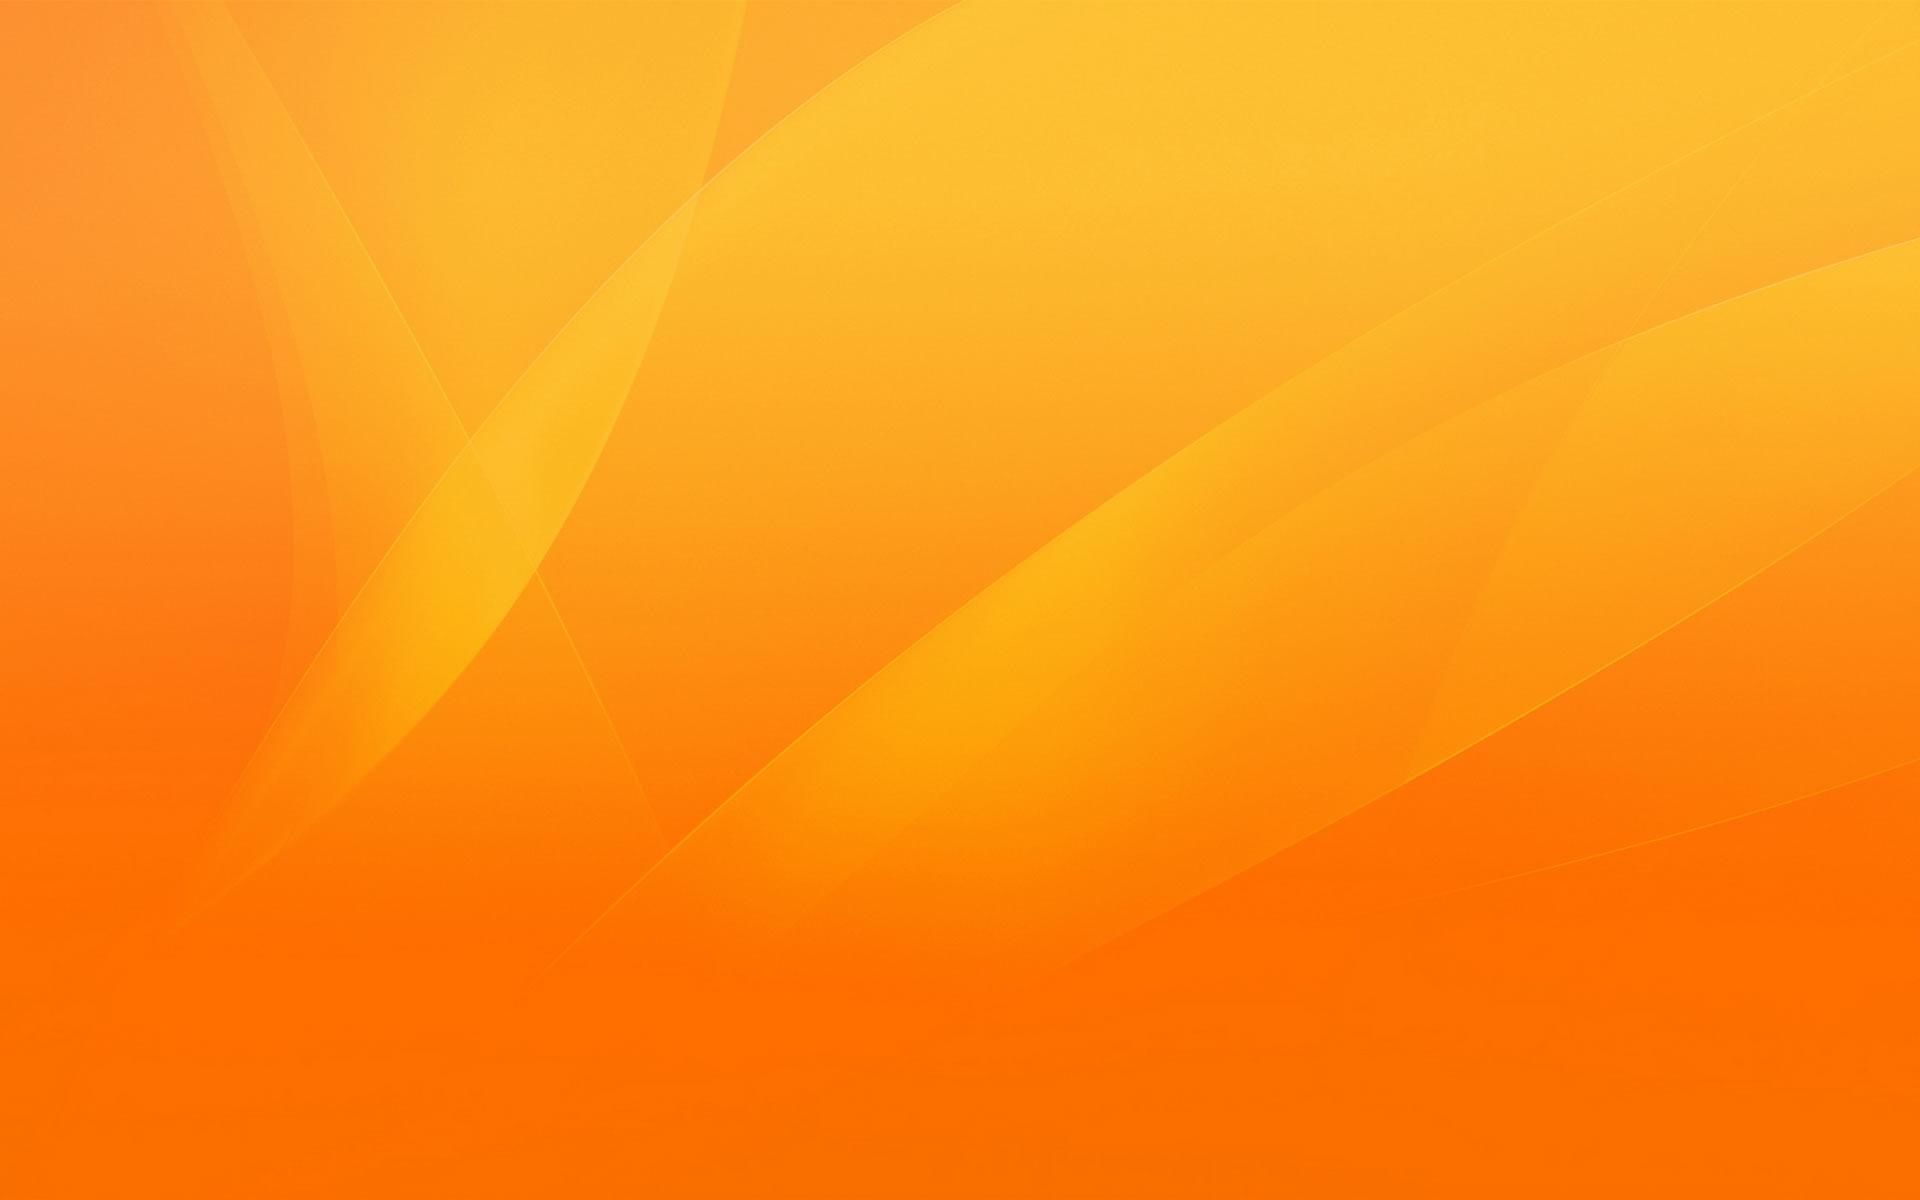 Fondo de Pantalla Naranja.